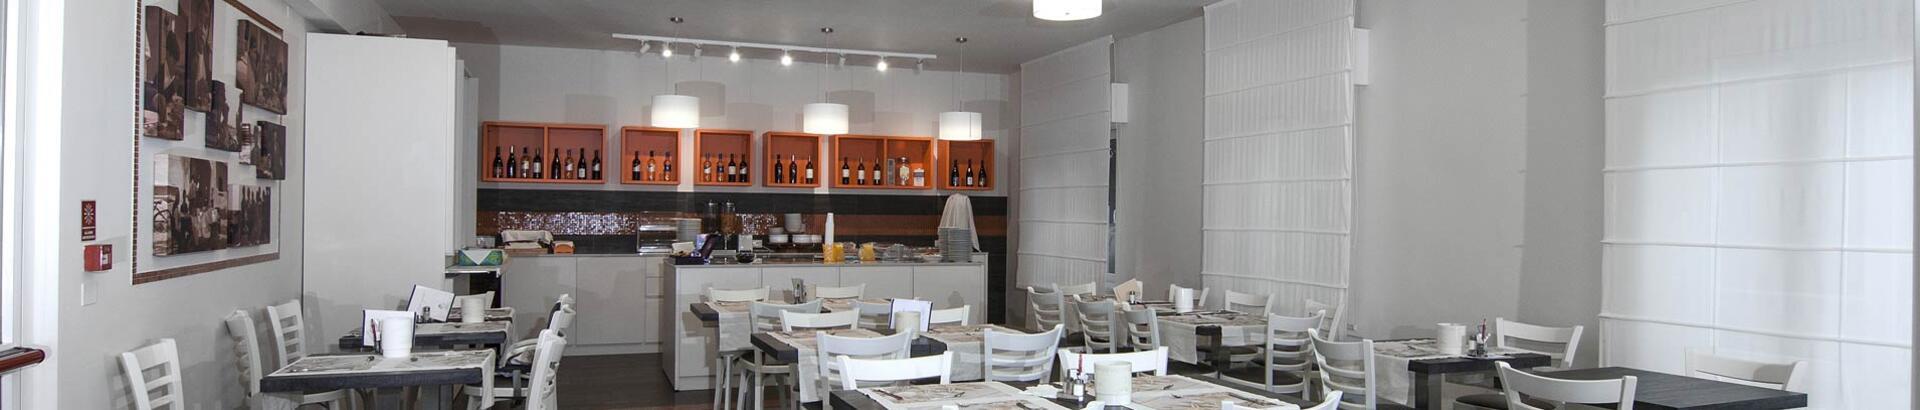 hotelcasablanca it cucina 004